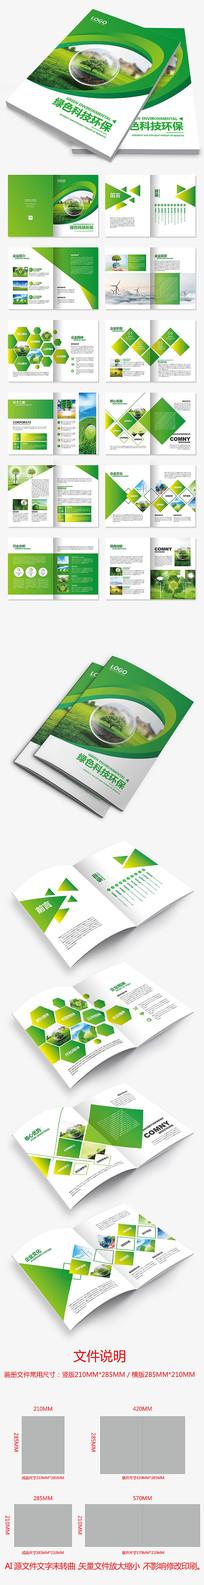 绿色新能源画册科技环保光伏画册设计模板